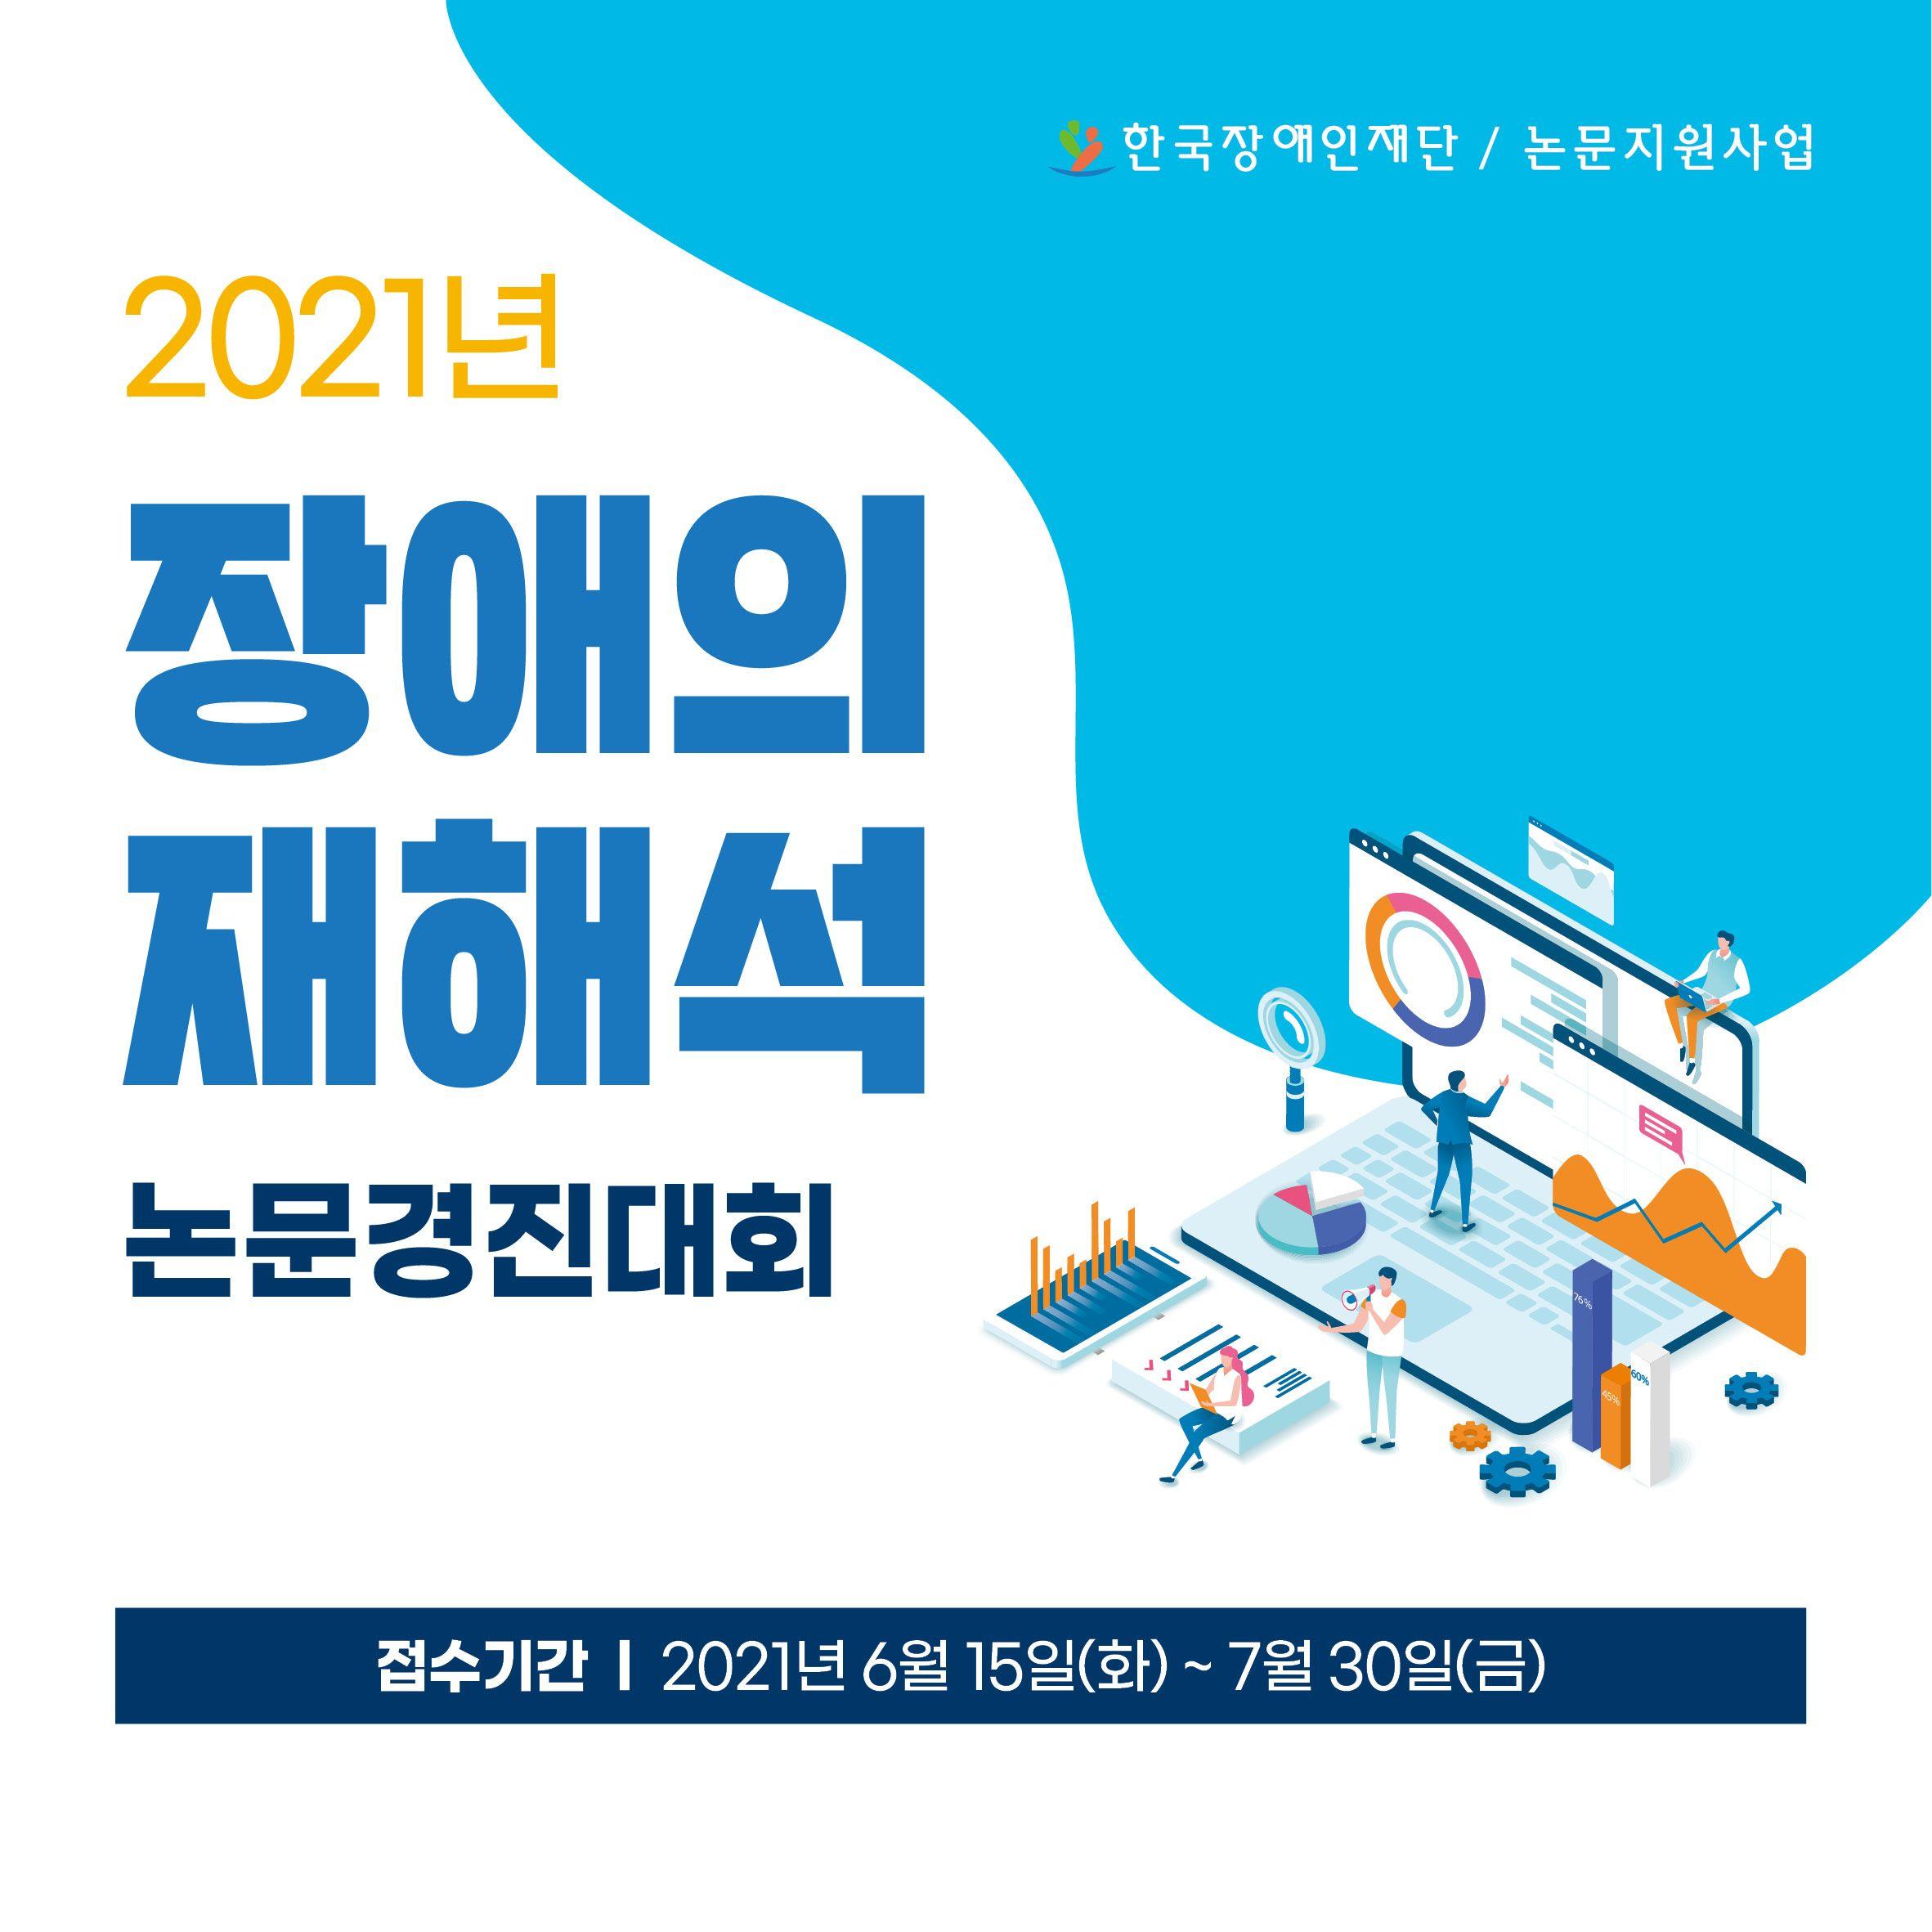 2021년 장애의 재해석 논문경진대회